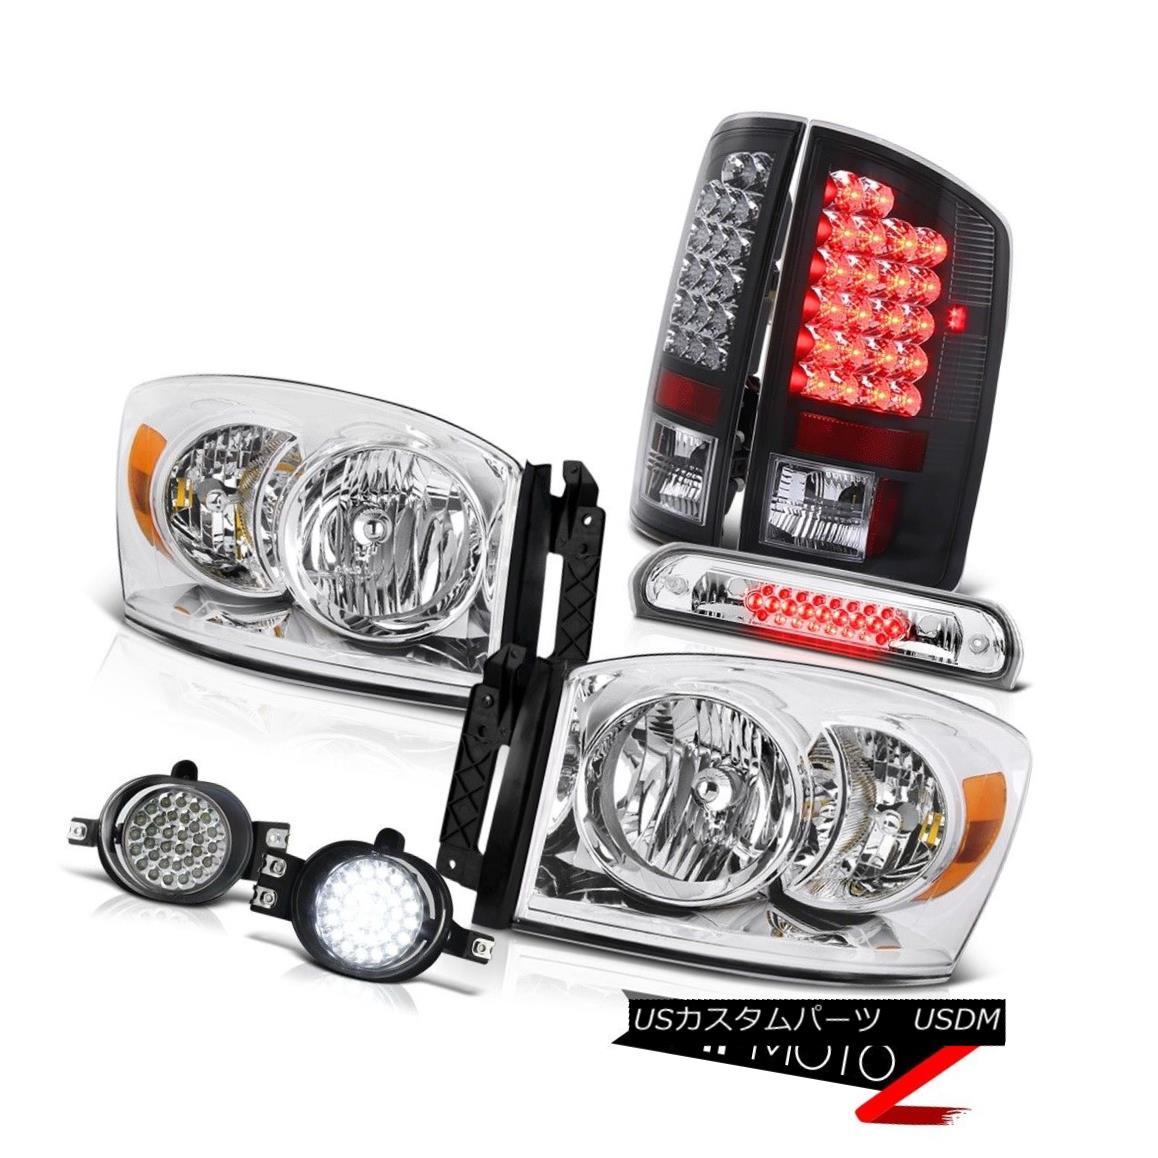 テールライト Clear Headlight L.E.D Rear Tail Lights SMD LED Fog Roof Brake Cargo 06 Dodge Ram クリアヘッドライトL.E.DリアテールライトSMD LEDフォグルーフブレーキカーゴ06 Dodge Ram